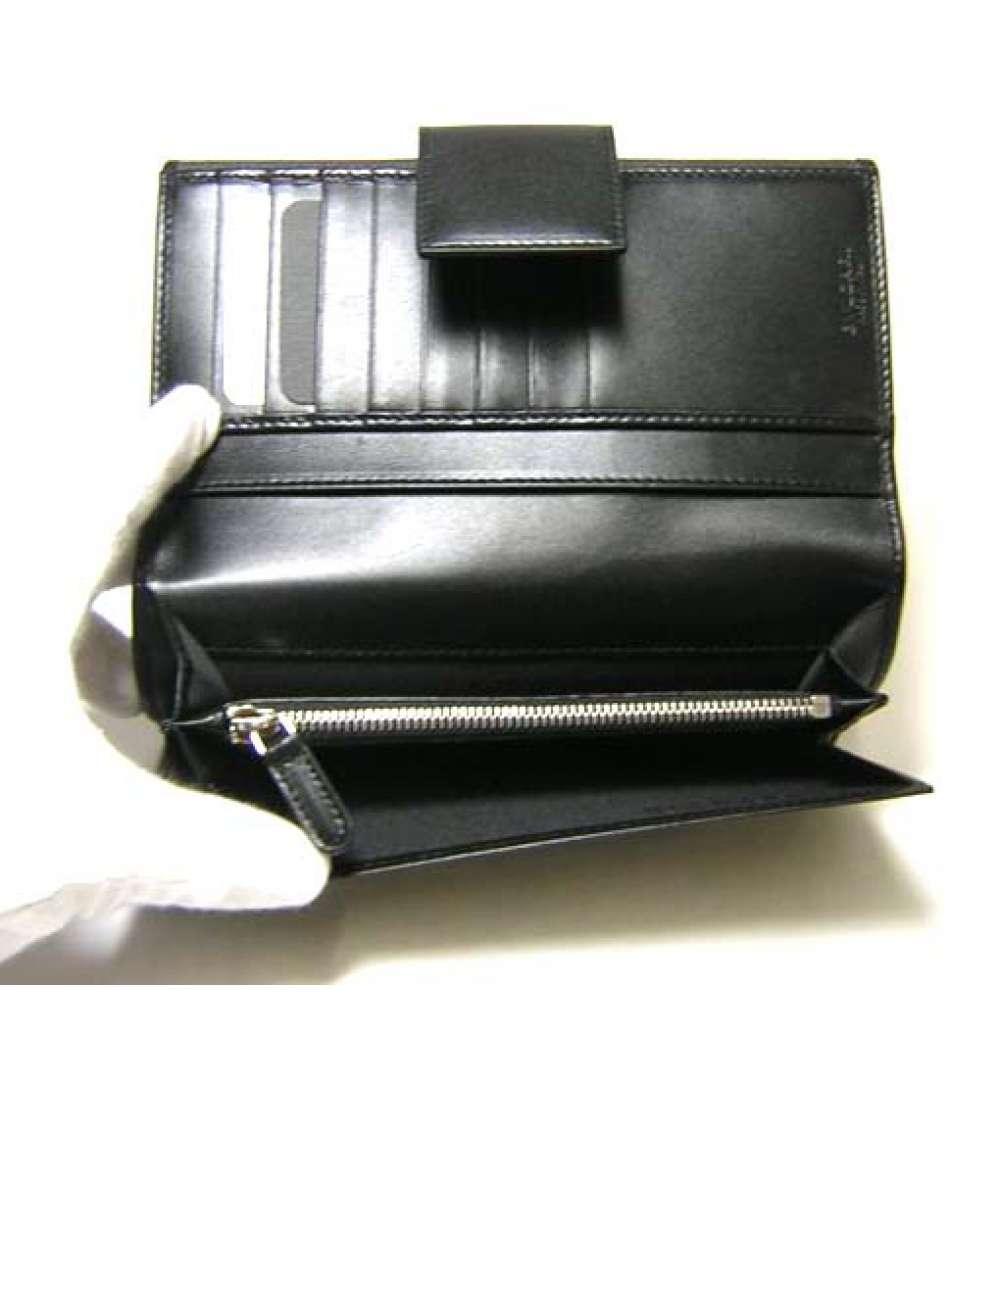 7232eca70253 ブルガリ 長財布 ウィークエンド ダブルホック の通販&即日発送 - BG-1120F